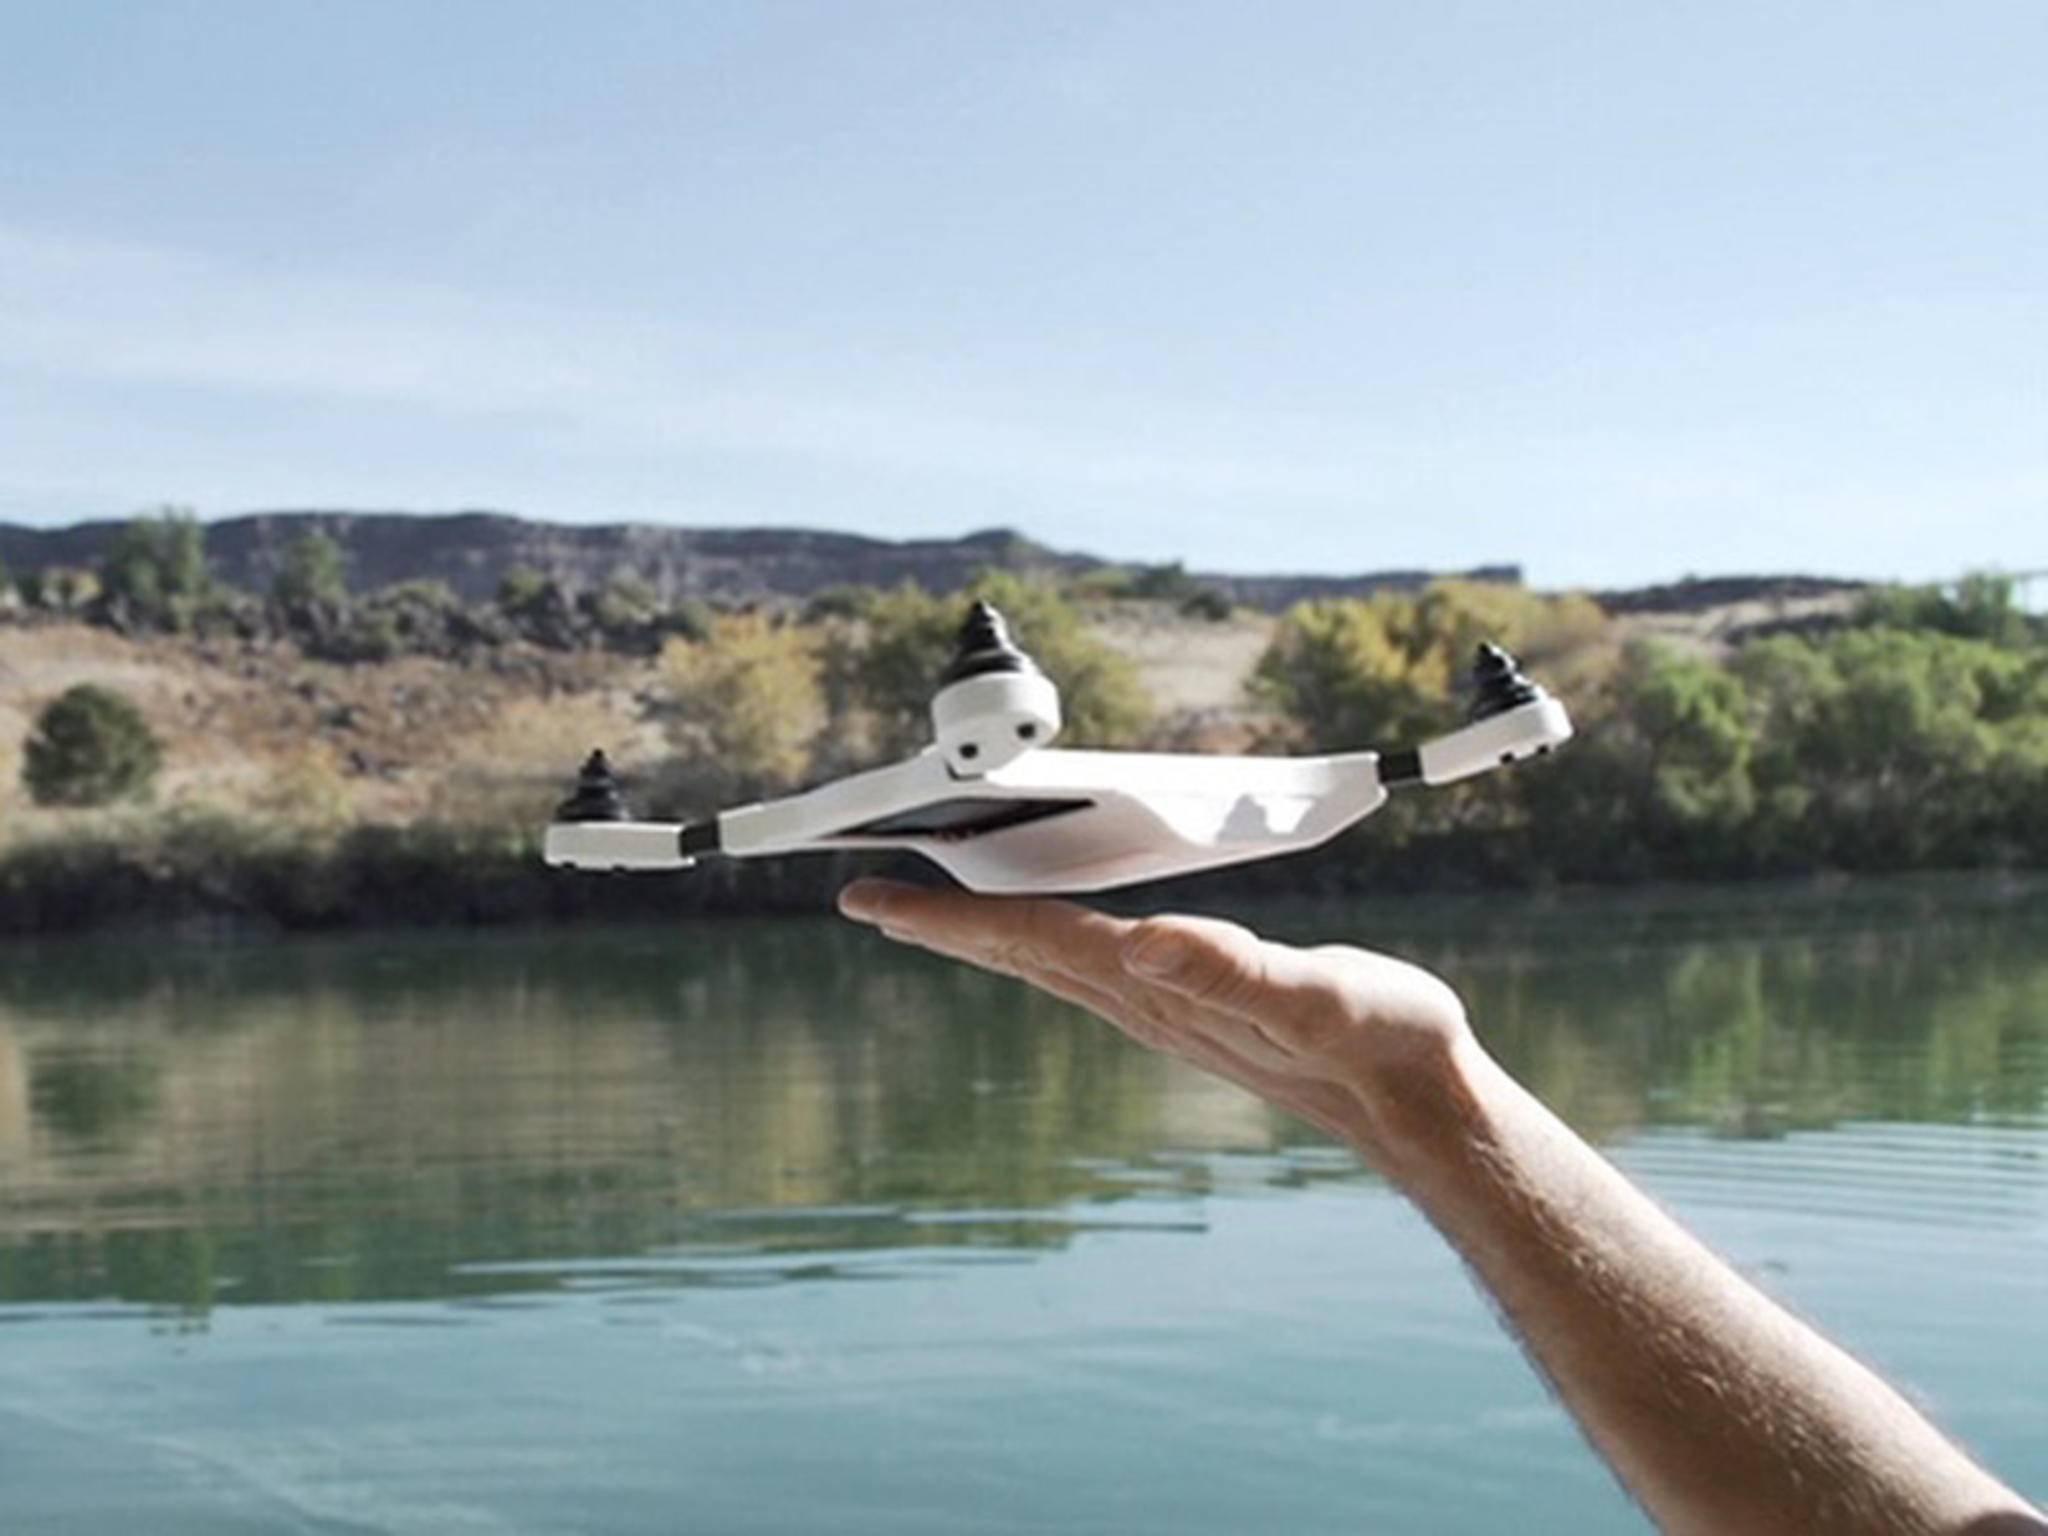 Diese Drohne nutzt einfach Deine Smartphone-Kamera für tolle Aufnahmen.